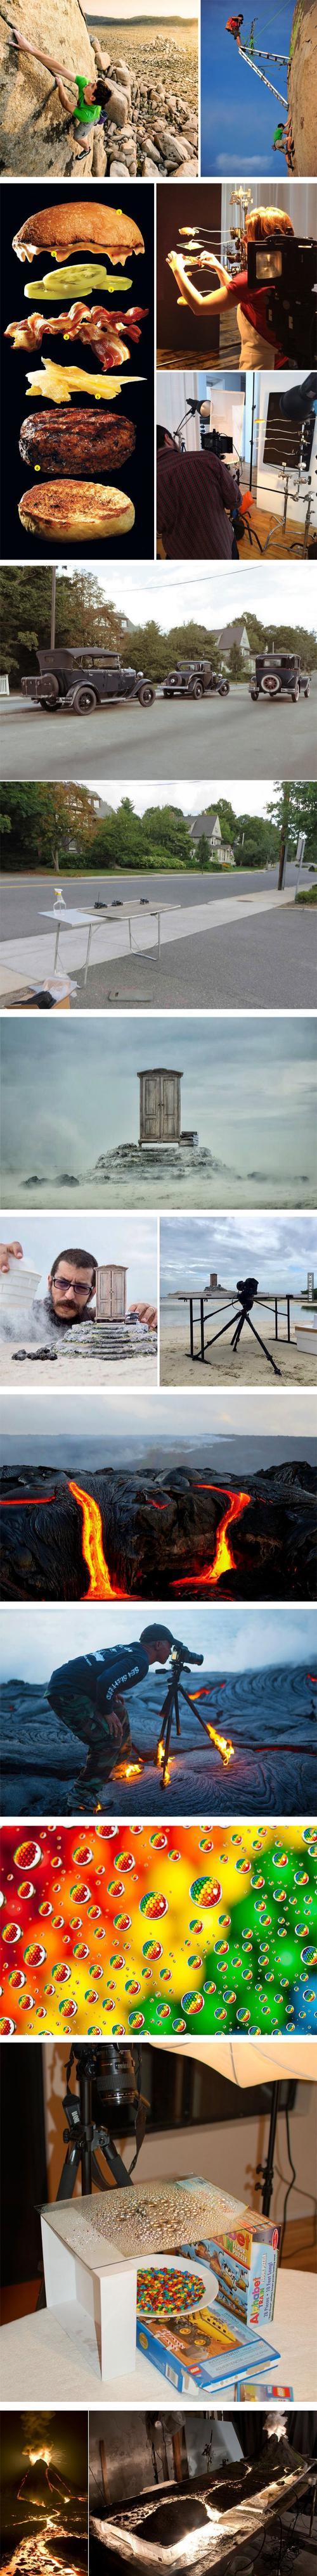 Jak vznikaly těchto 7 fotografií